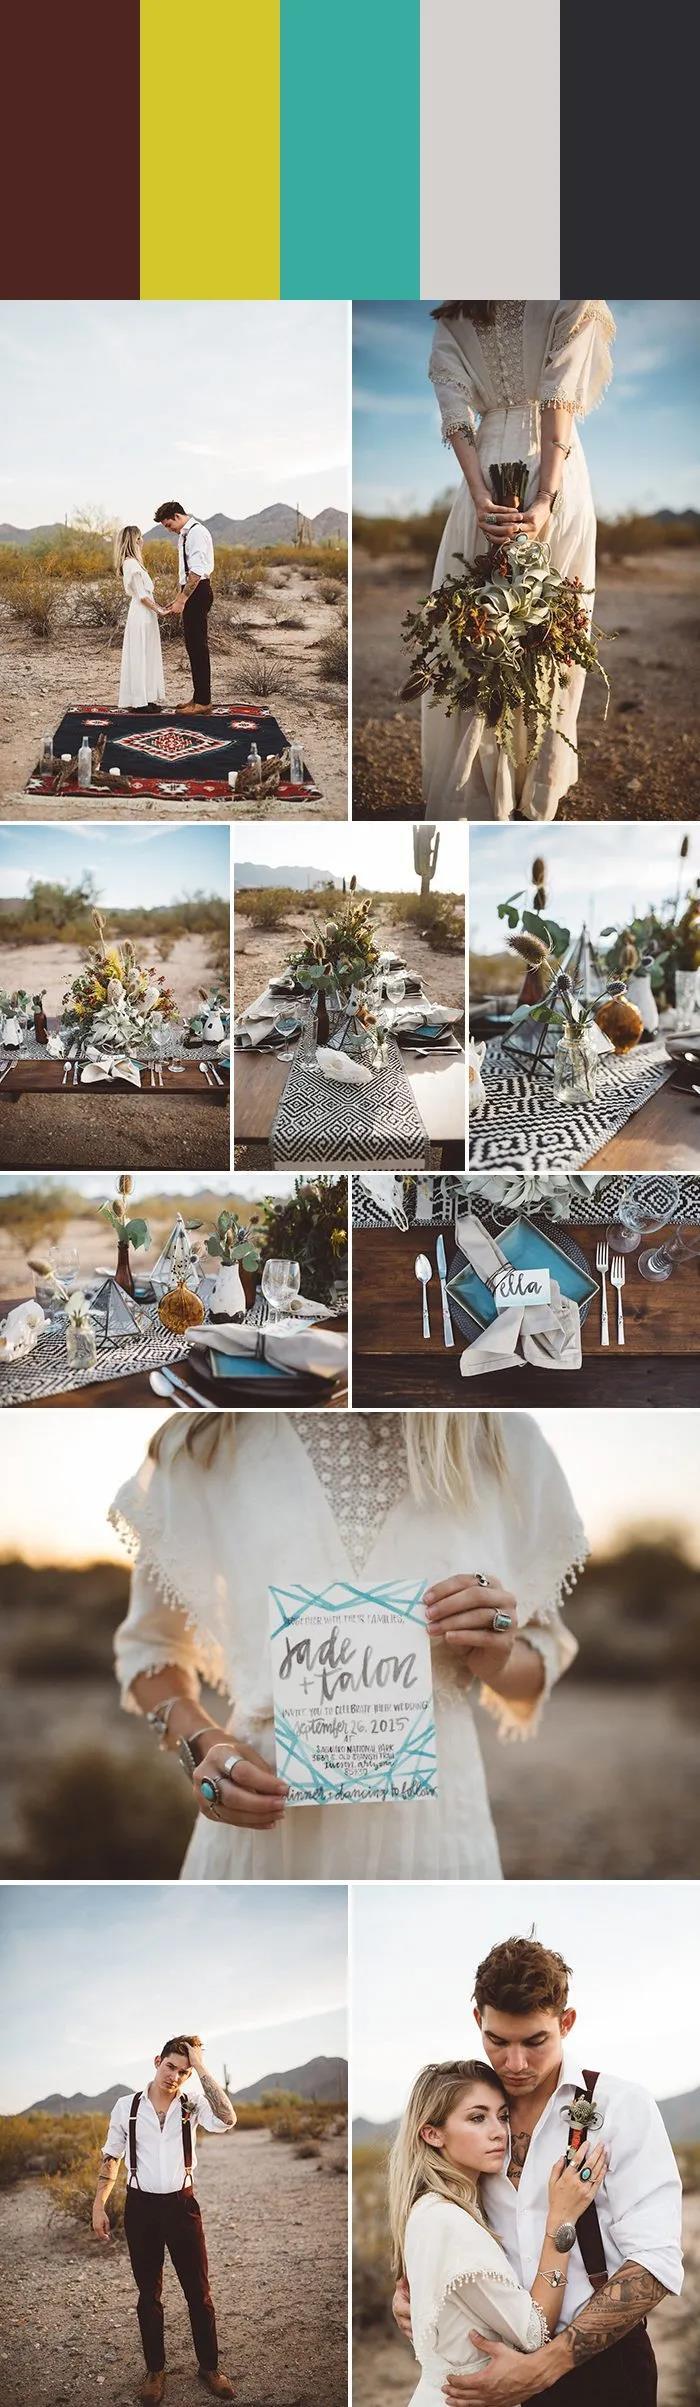 7種沙漠婚禮配色指南,找到適合你的沙漠風情!